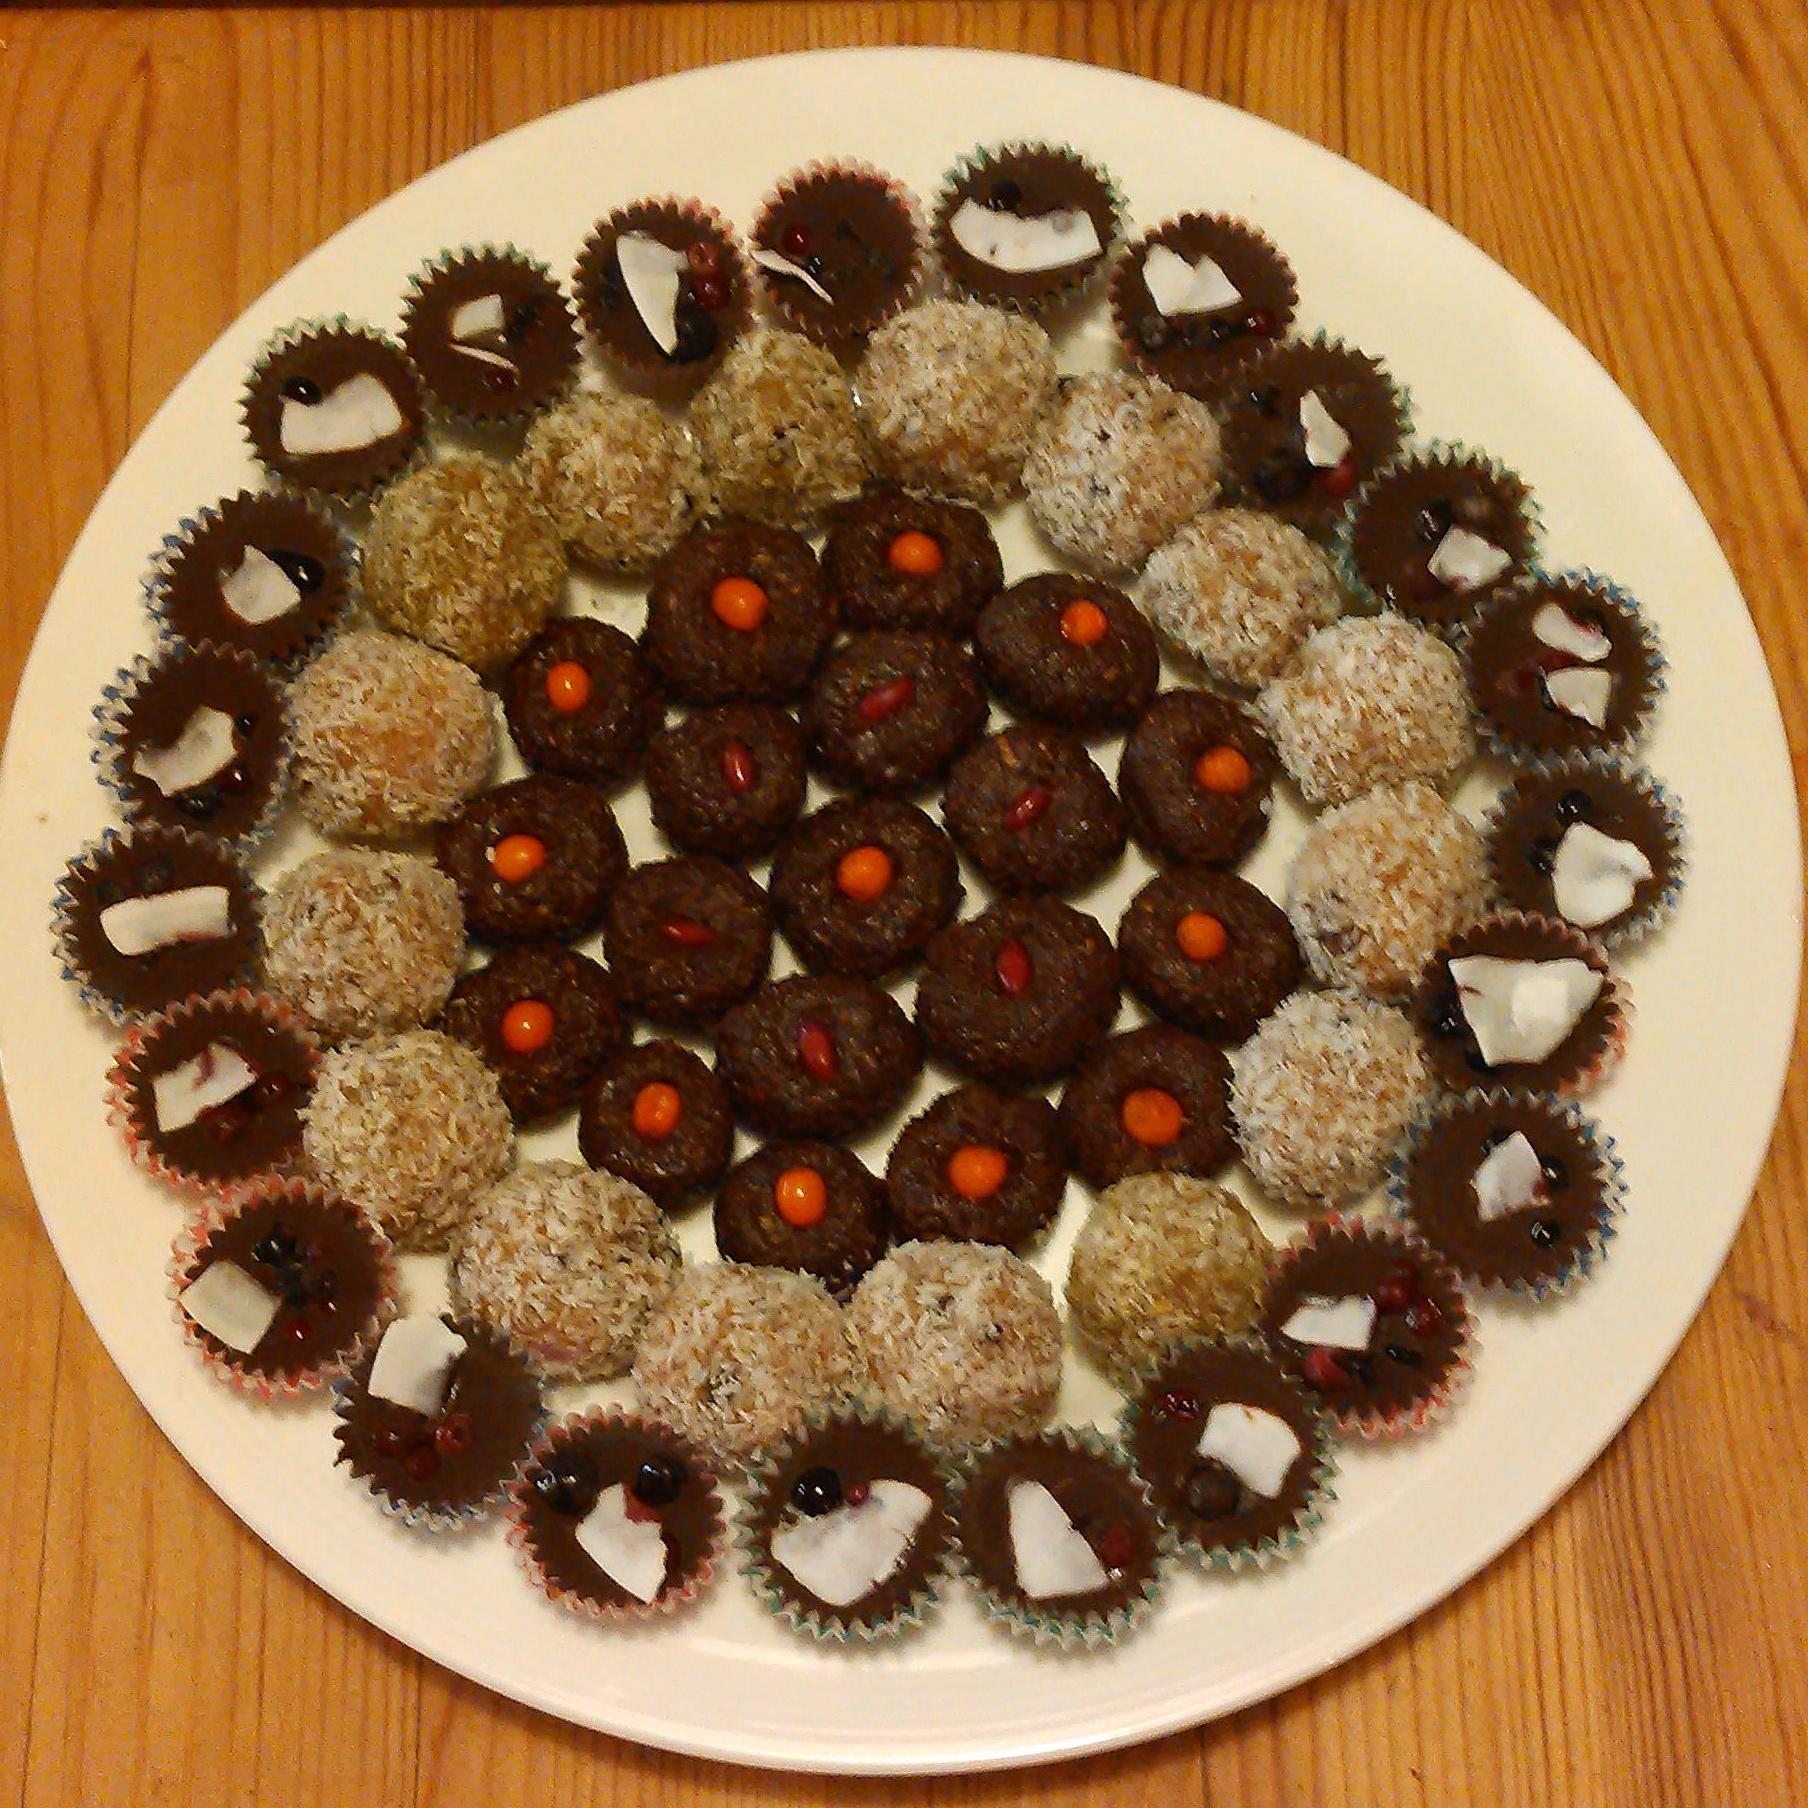 Raw godterier til jul med smak av villevekster,spanskkjørvelsukker, granskuddssirup,rosesaft, rosekronblader og bær av tindved, berberis, blåbær og tyttebær.